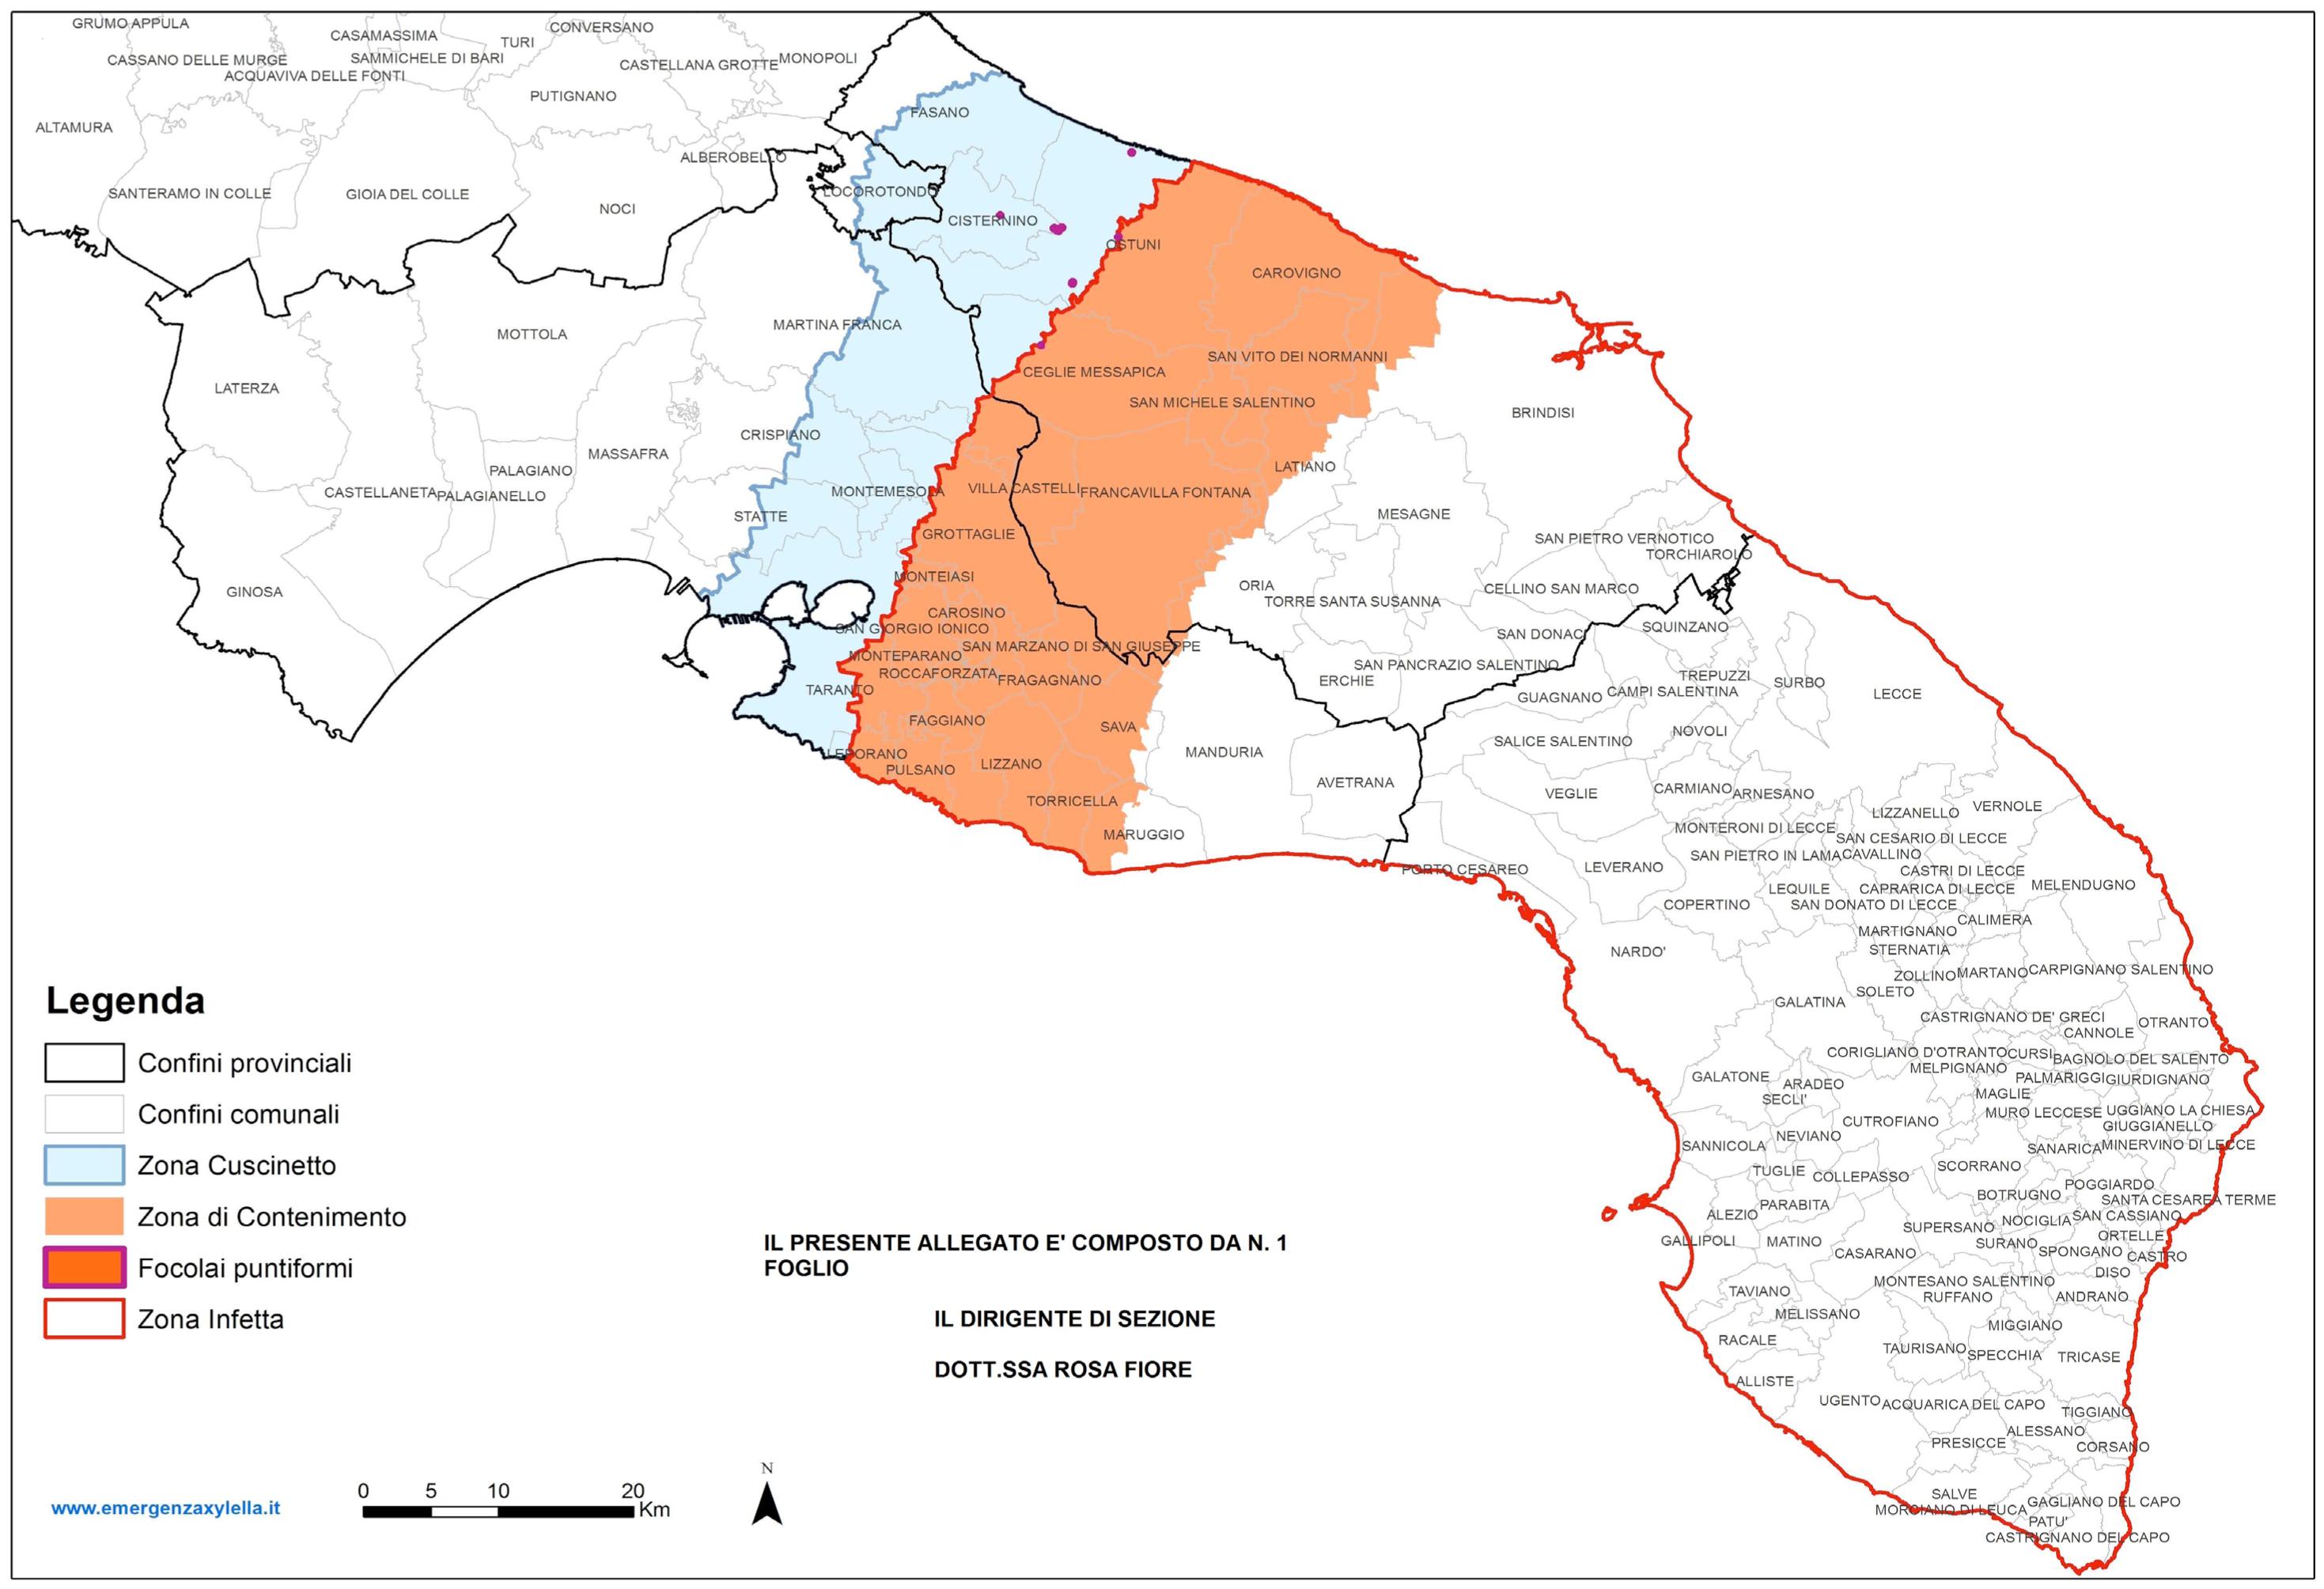 Mappa Xylella Puglia.Xylella Guerra Sugli Ultimi Dati Dei Controlli Nuova Mappa E Territorio Barese Lambito Campagna D Informazione Sulle Buone Pratiche